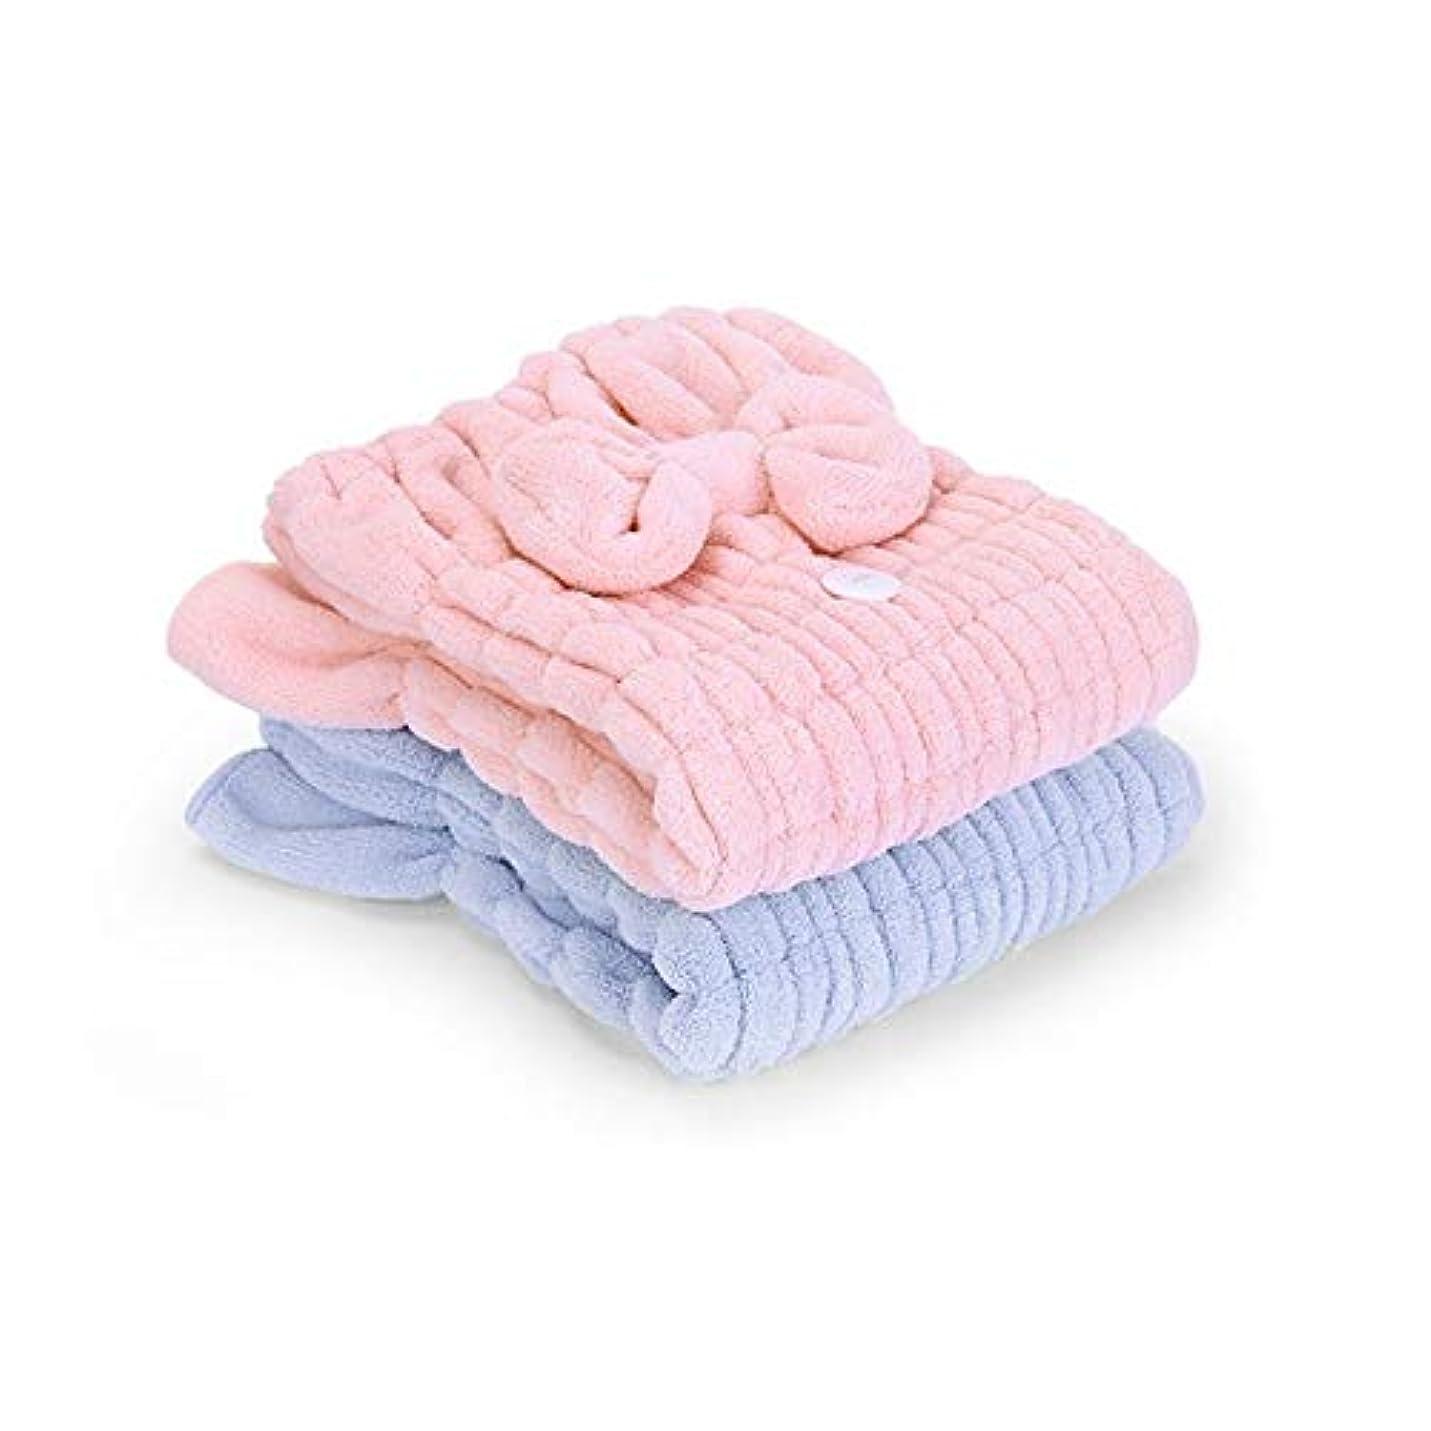 悲しいまろやかなエゴマニアKYK シャワーキャップ、豪華なシャワーキャップのすべての髪の長さや太さのためのキュートなドライシャワーキャップ、肌にやさしいサンゴフリース生地、再利用可能なシャワー。 (Color : B-Blue)